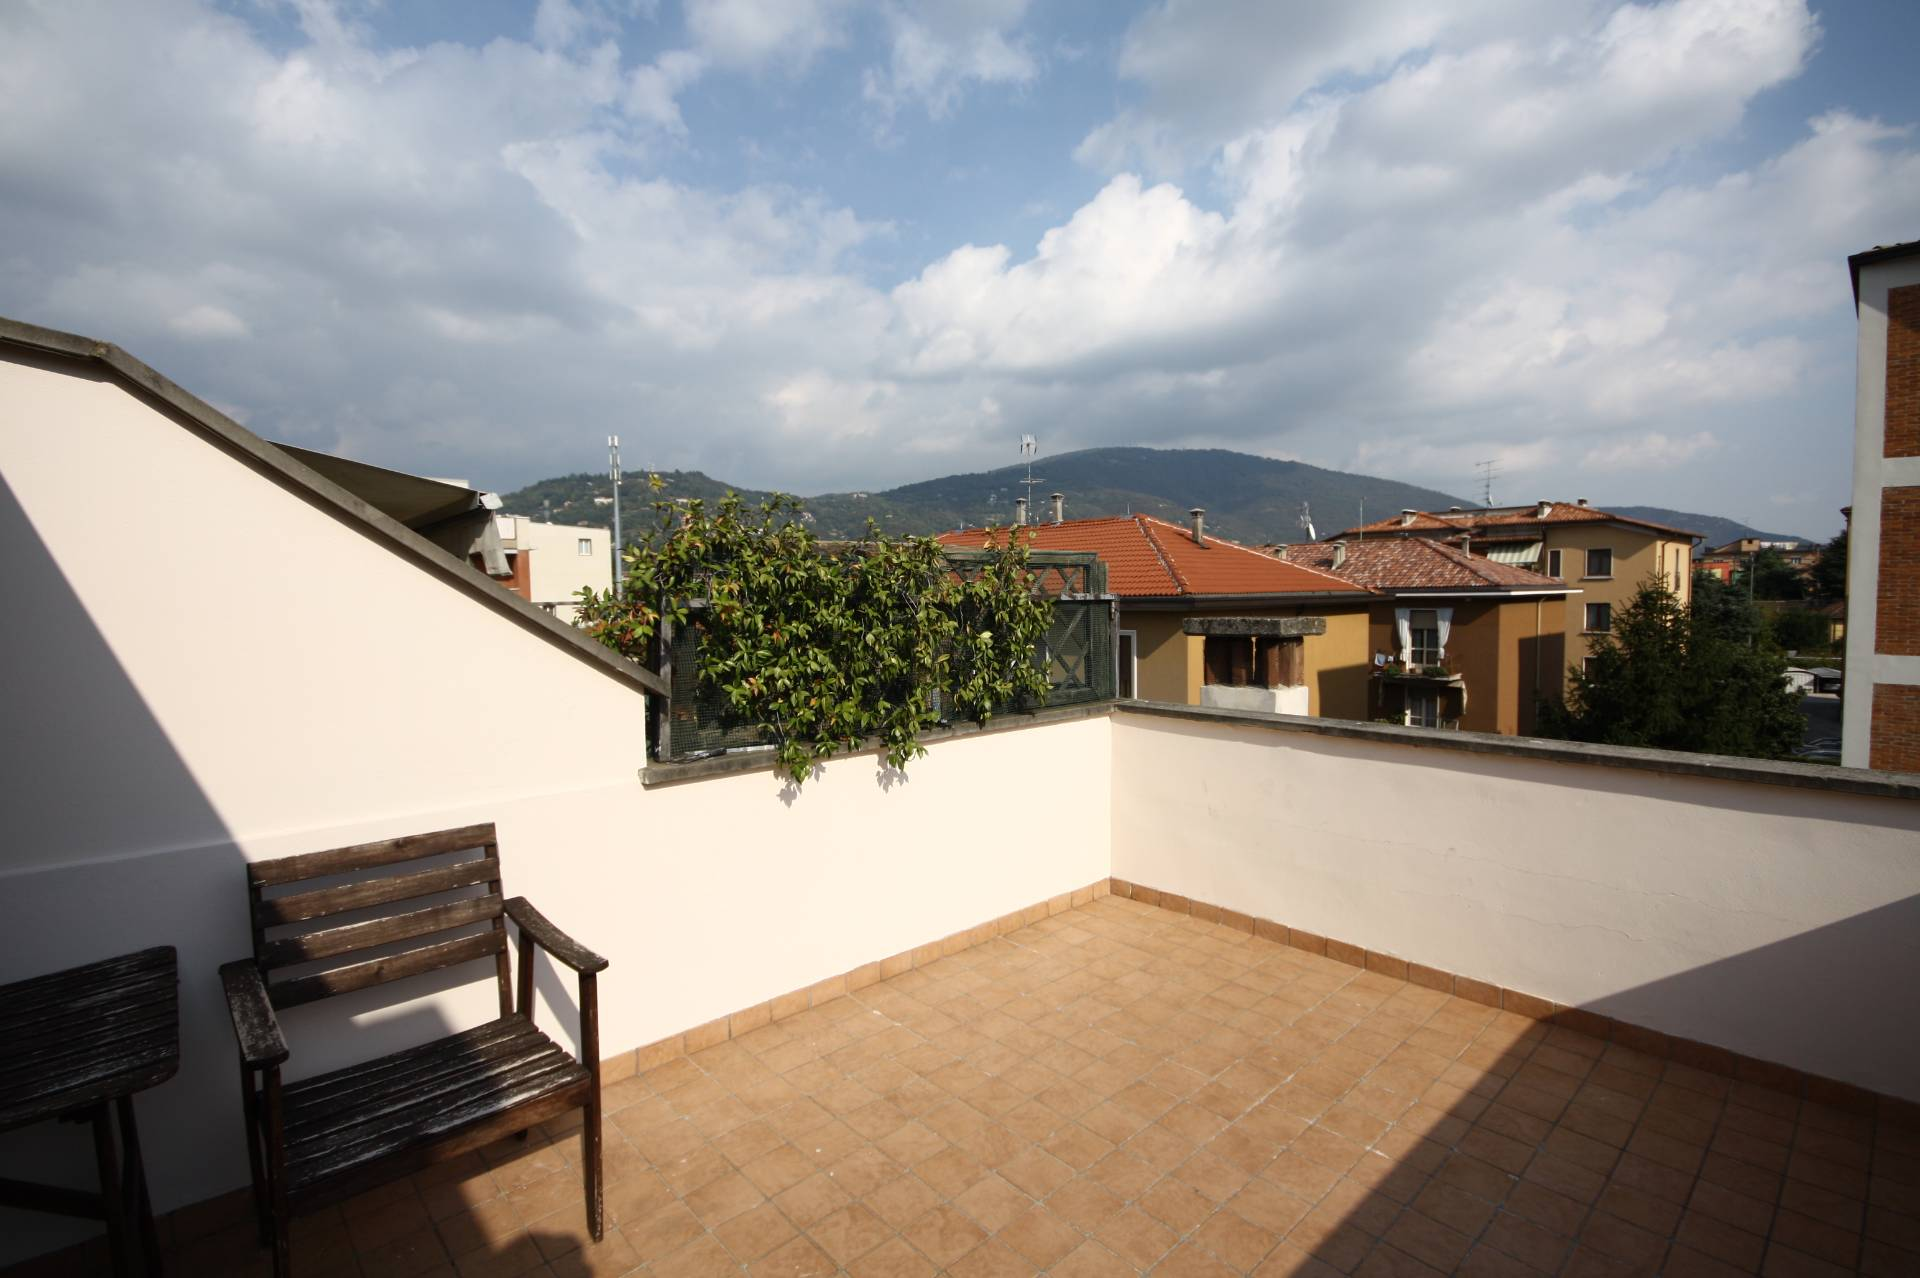 Bilocale Brescia Via Giorgio Duranti 2